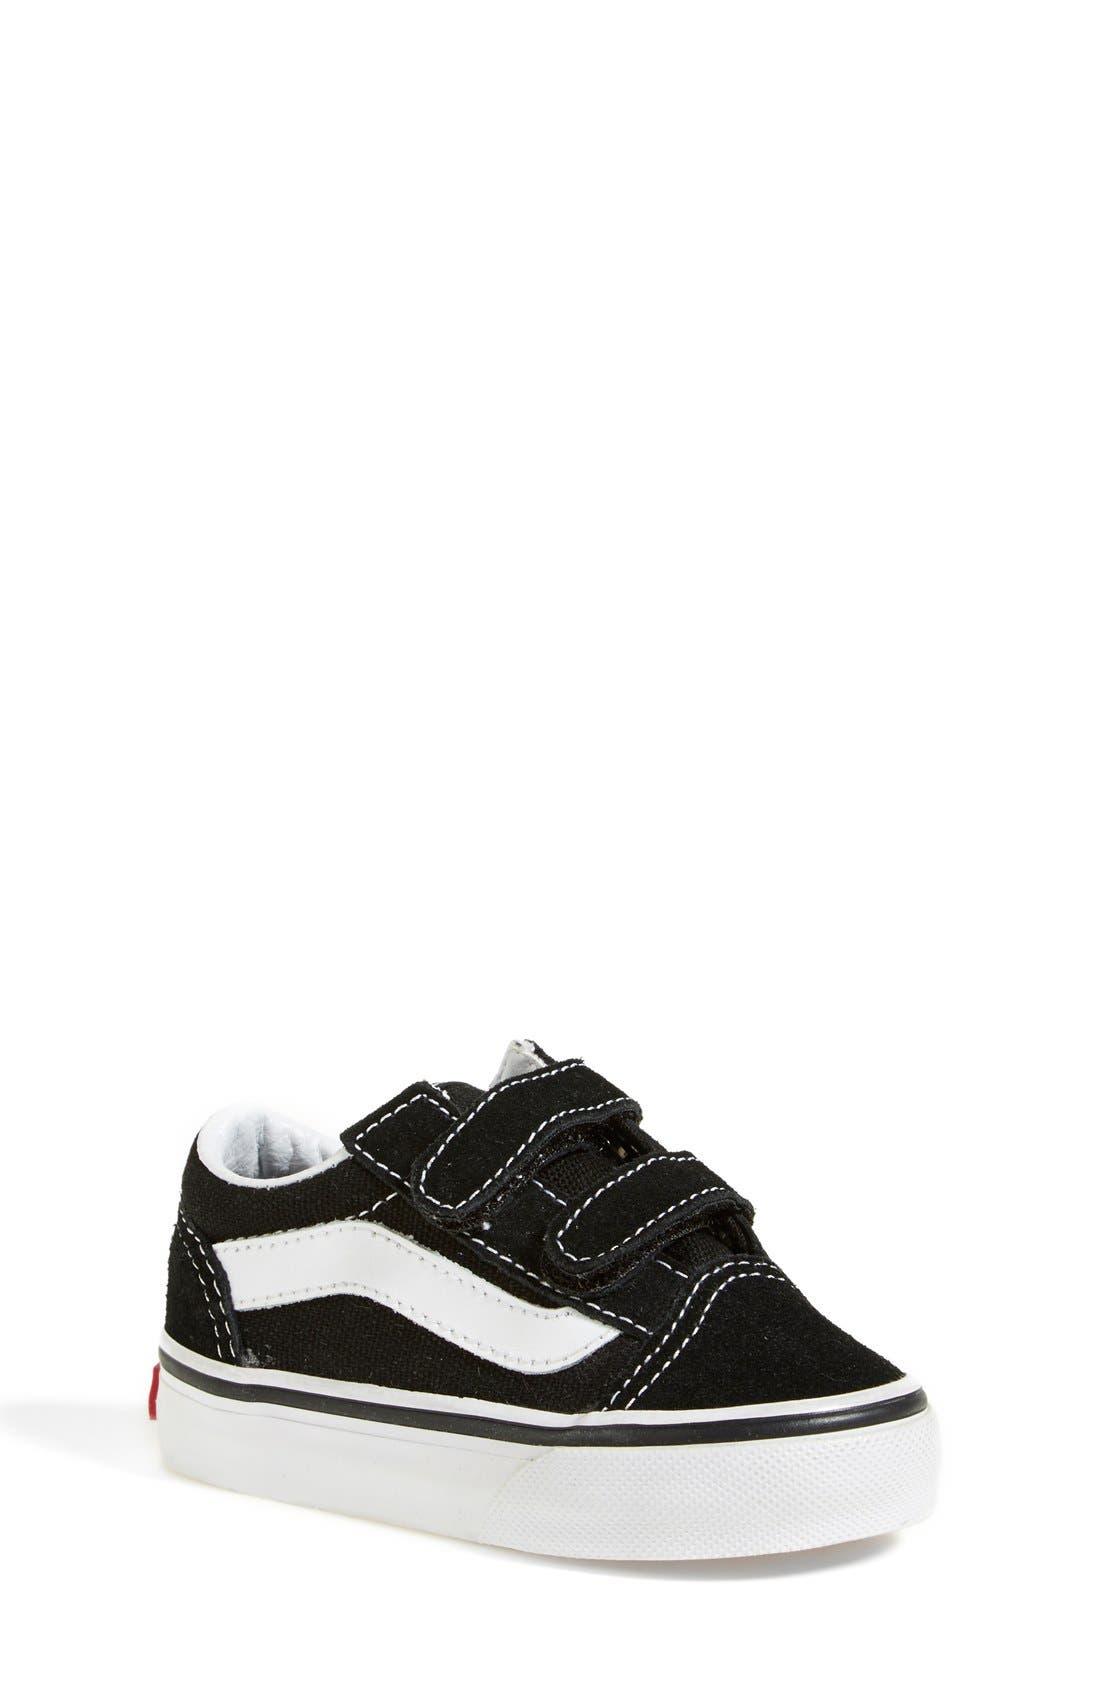 VANS, 'Old Skool V' Sneaker, Main thumbnail 1, color, BLACK/ TRUE WHITE